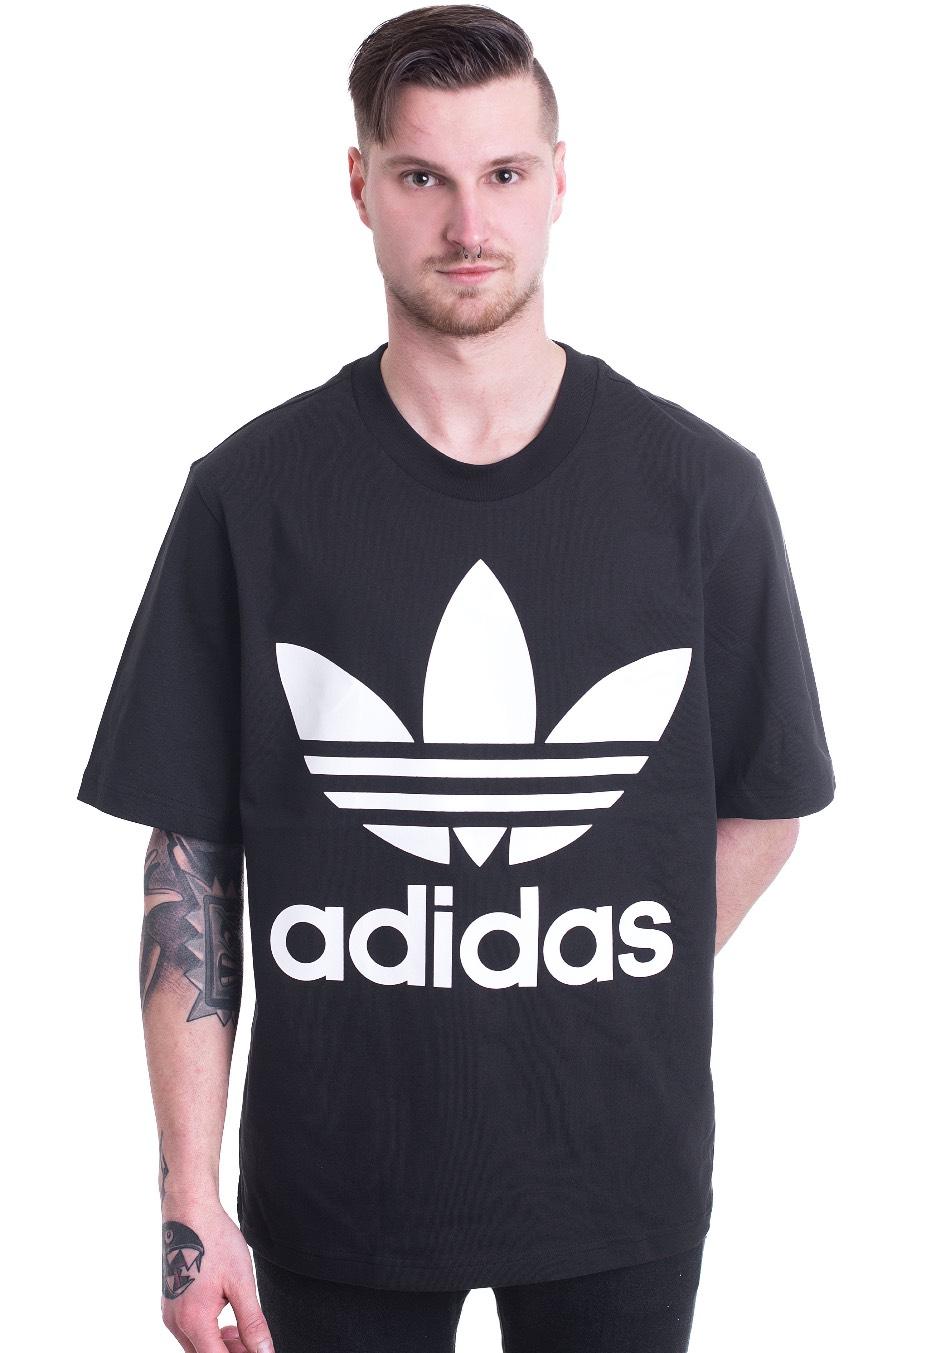 Adidas Oversized Black T Shirt